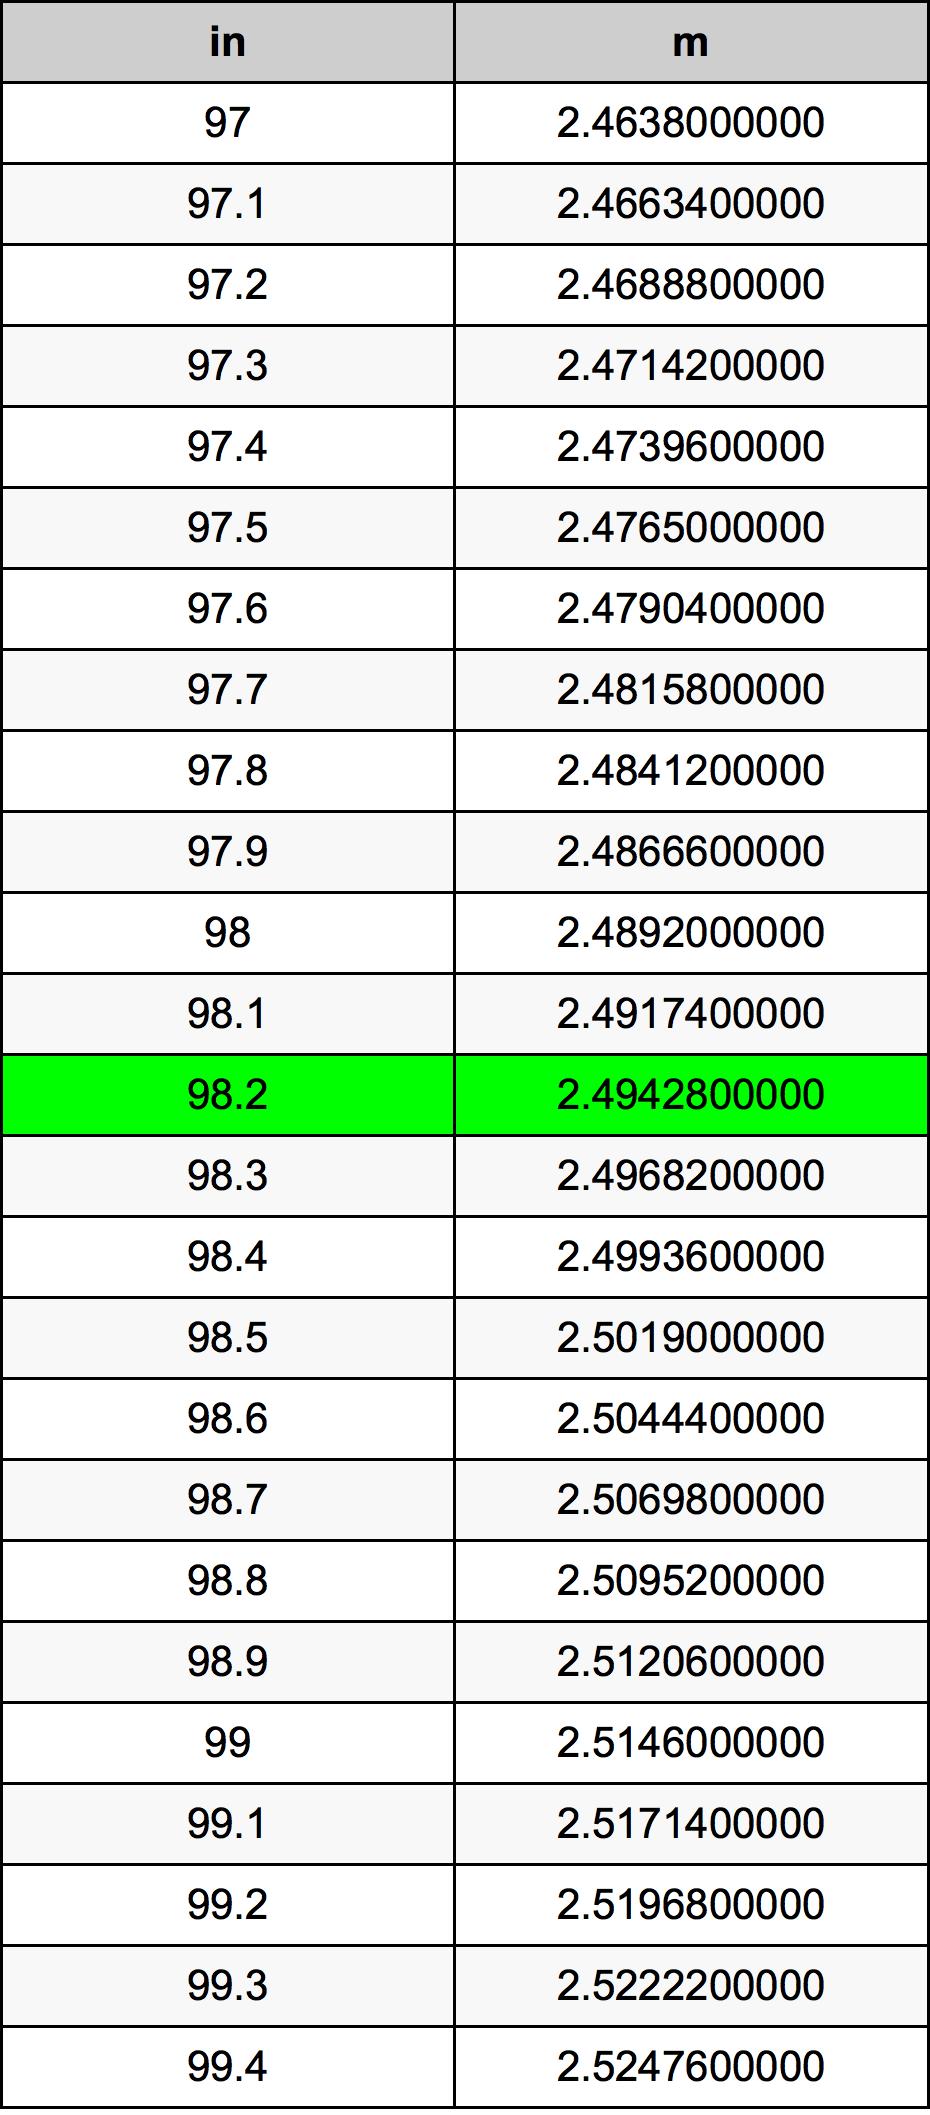 98.2 Pulzier konverżjoni tabella